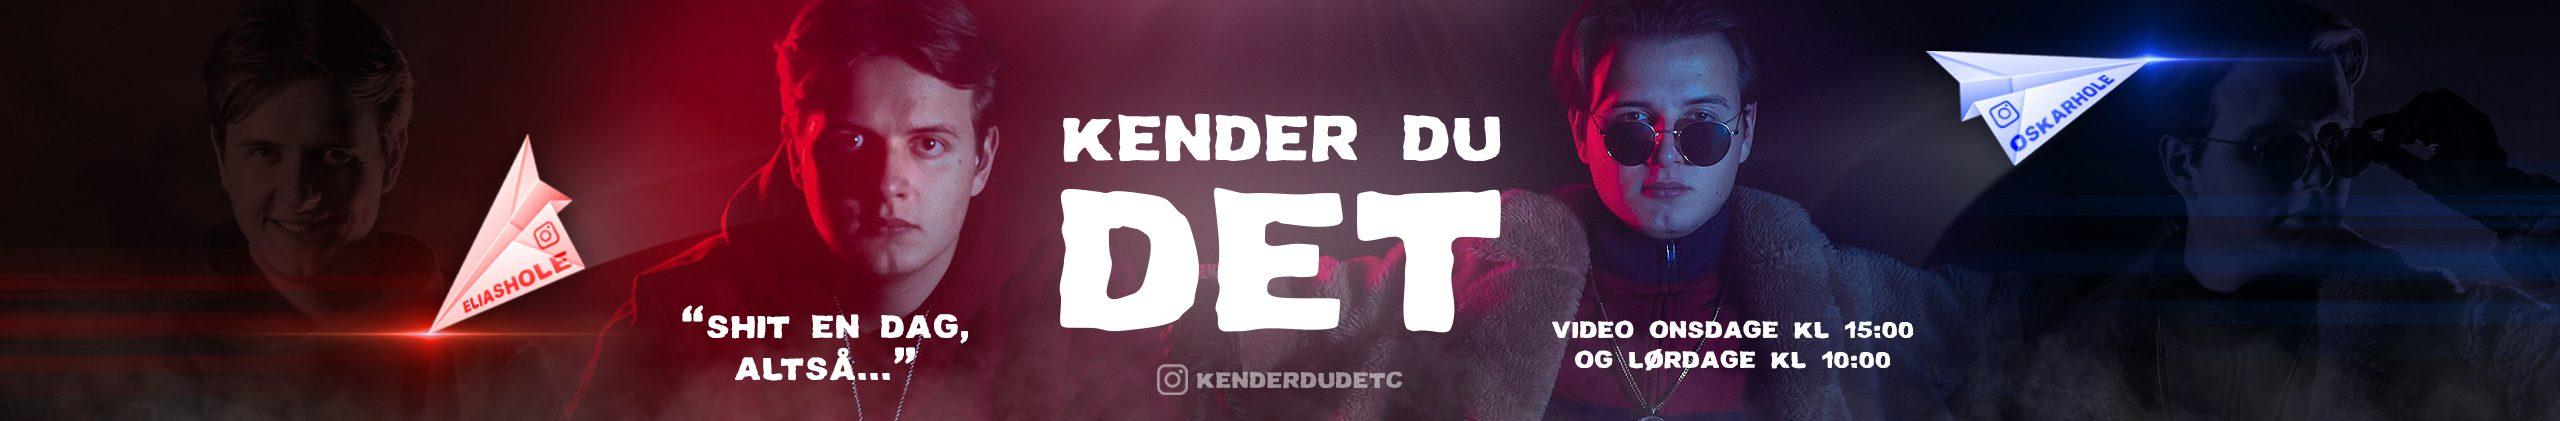 KENDER DU DET